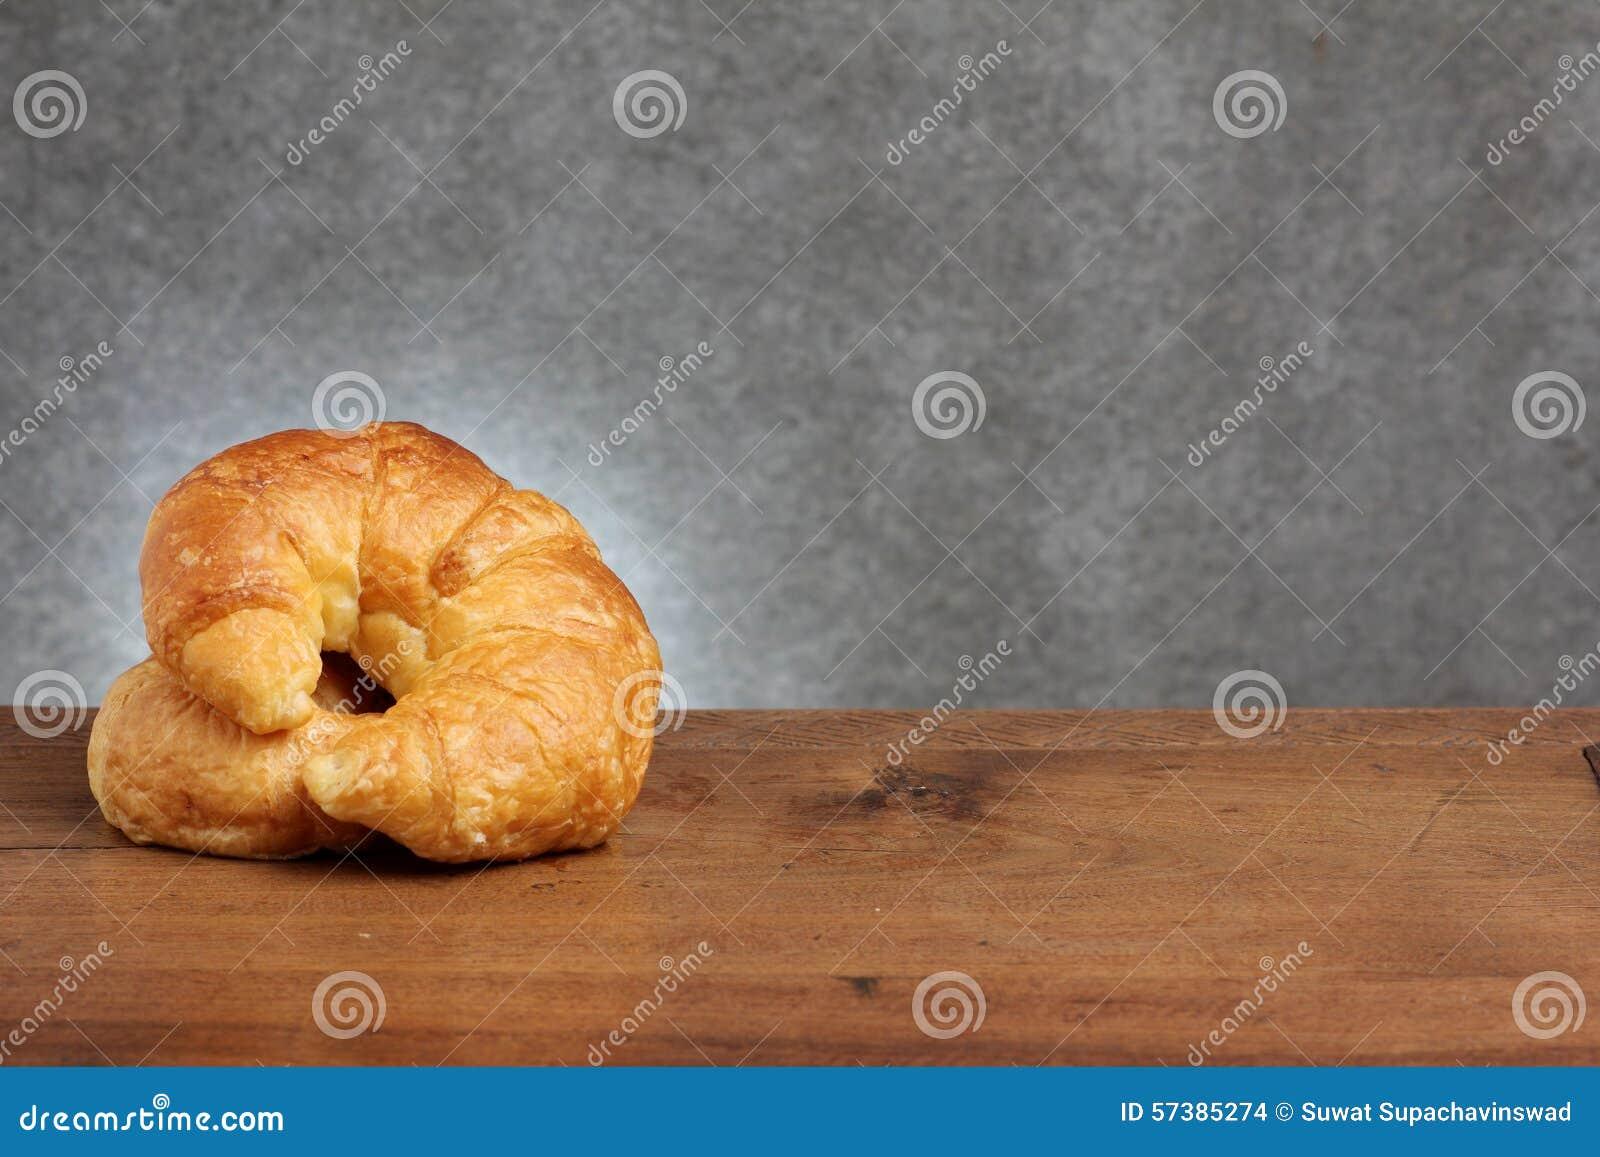 Croissantbakkerij op teakwoodlijst